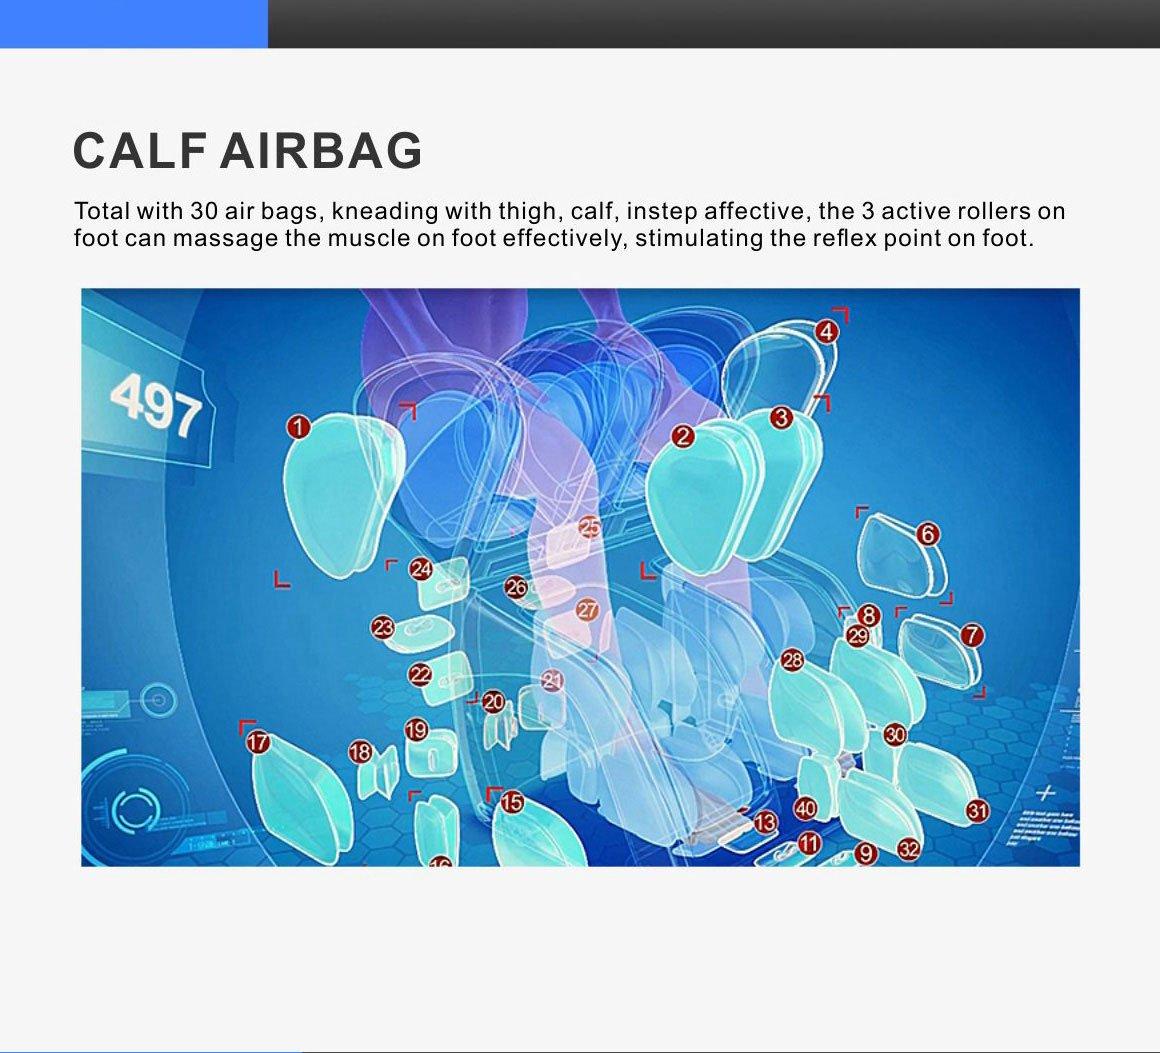 Calf Airbag for iRobo C30 Leg & Foot Massager